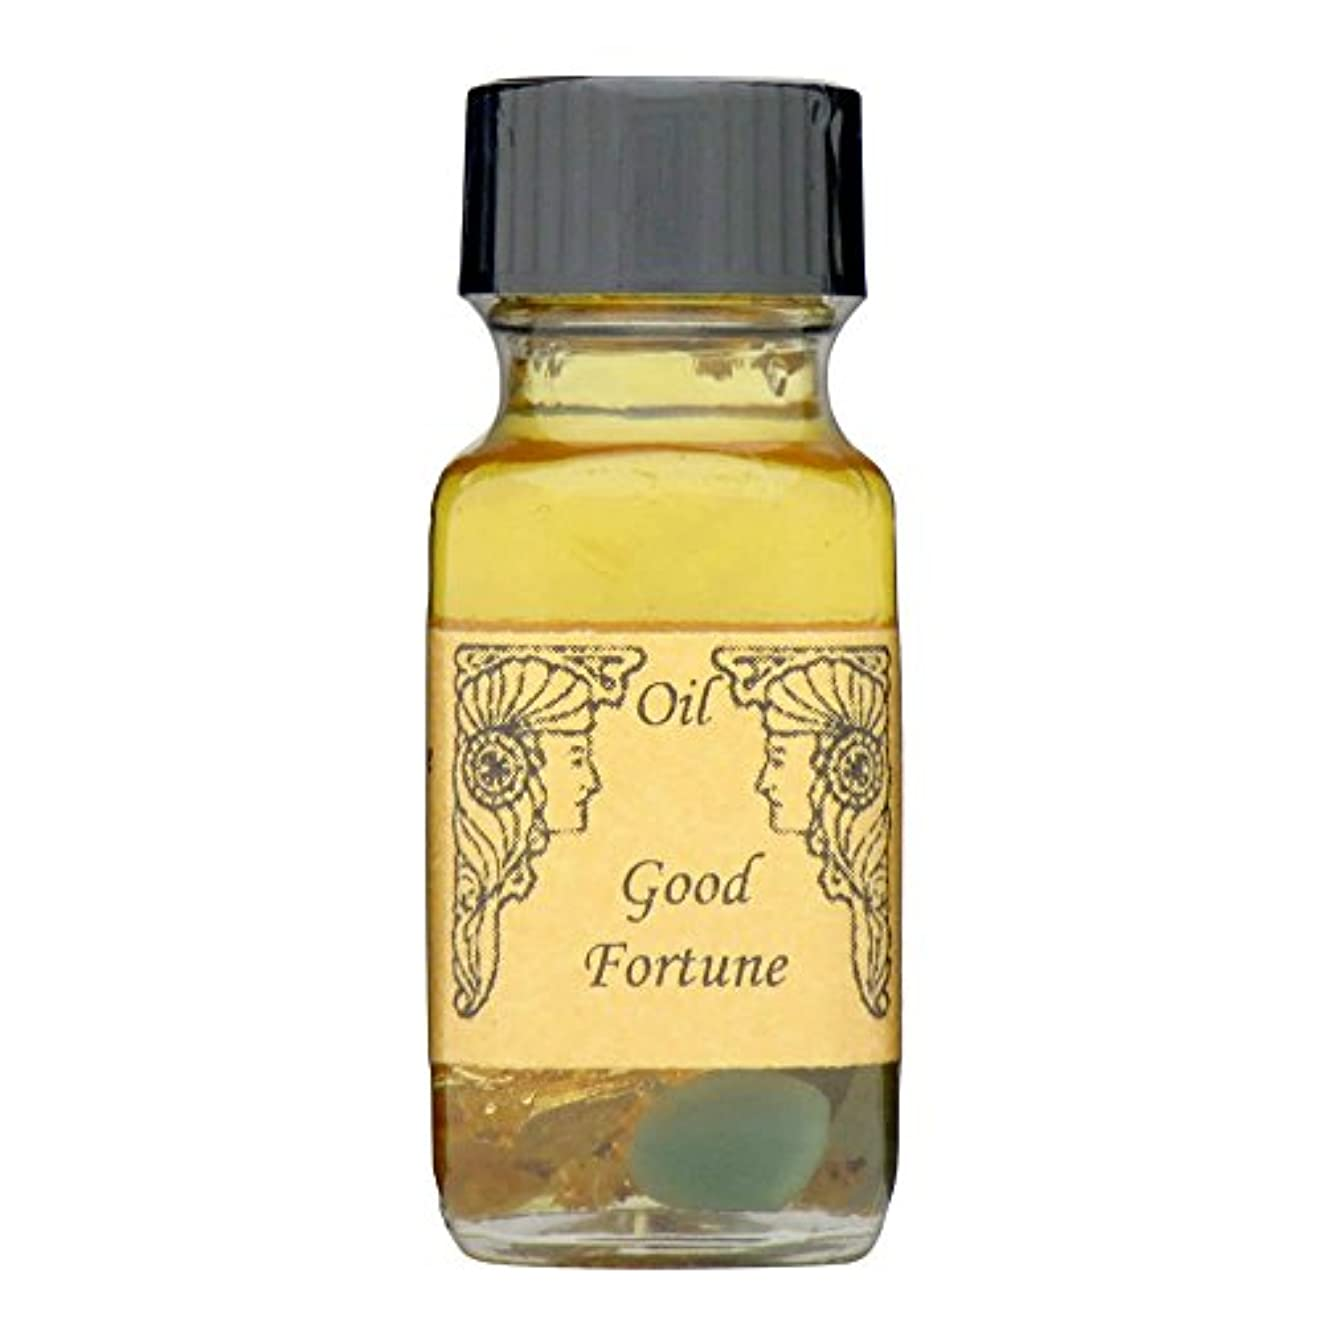 離れて肘大事にするアンシェントメモリーオイル グッドフォーチュン (幸運) 15ml (Ancient Memory Oils)